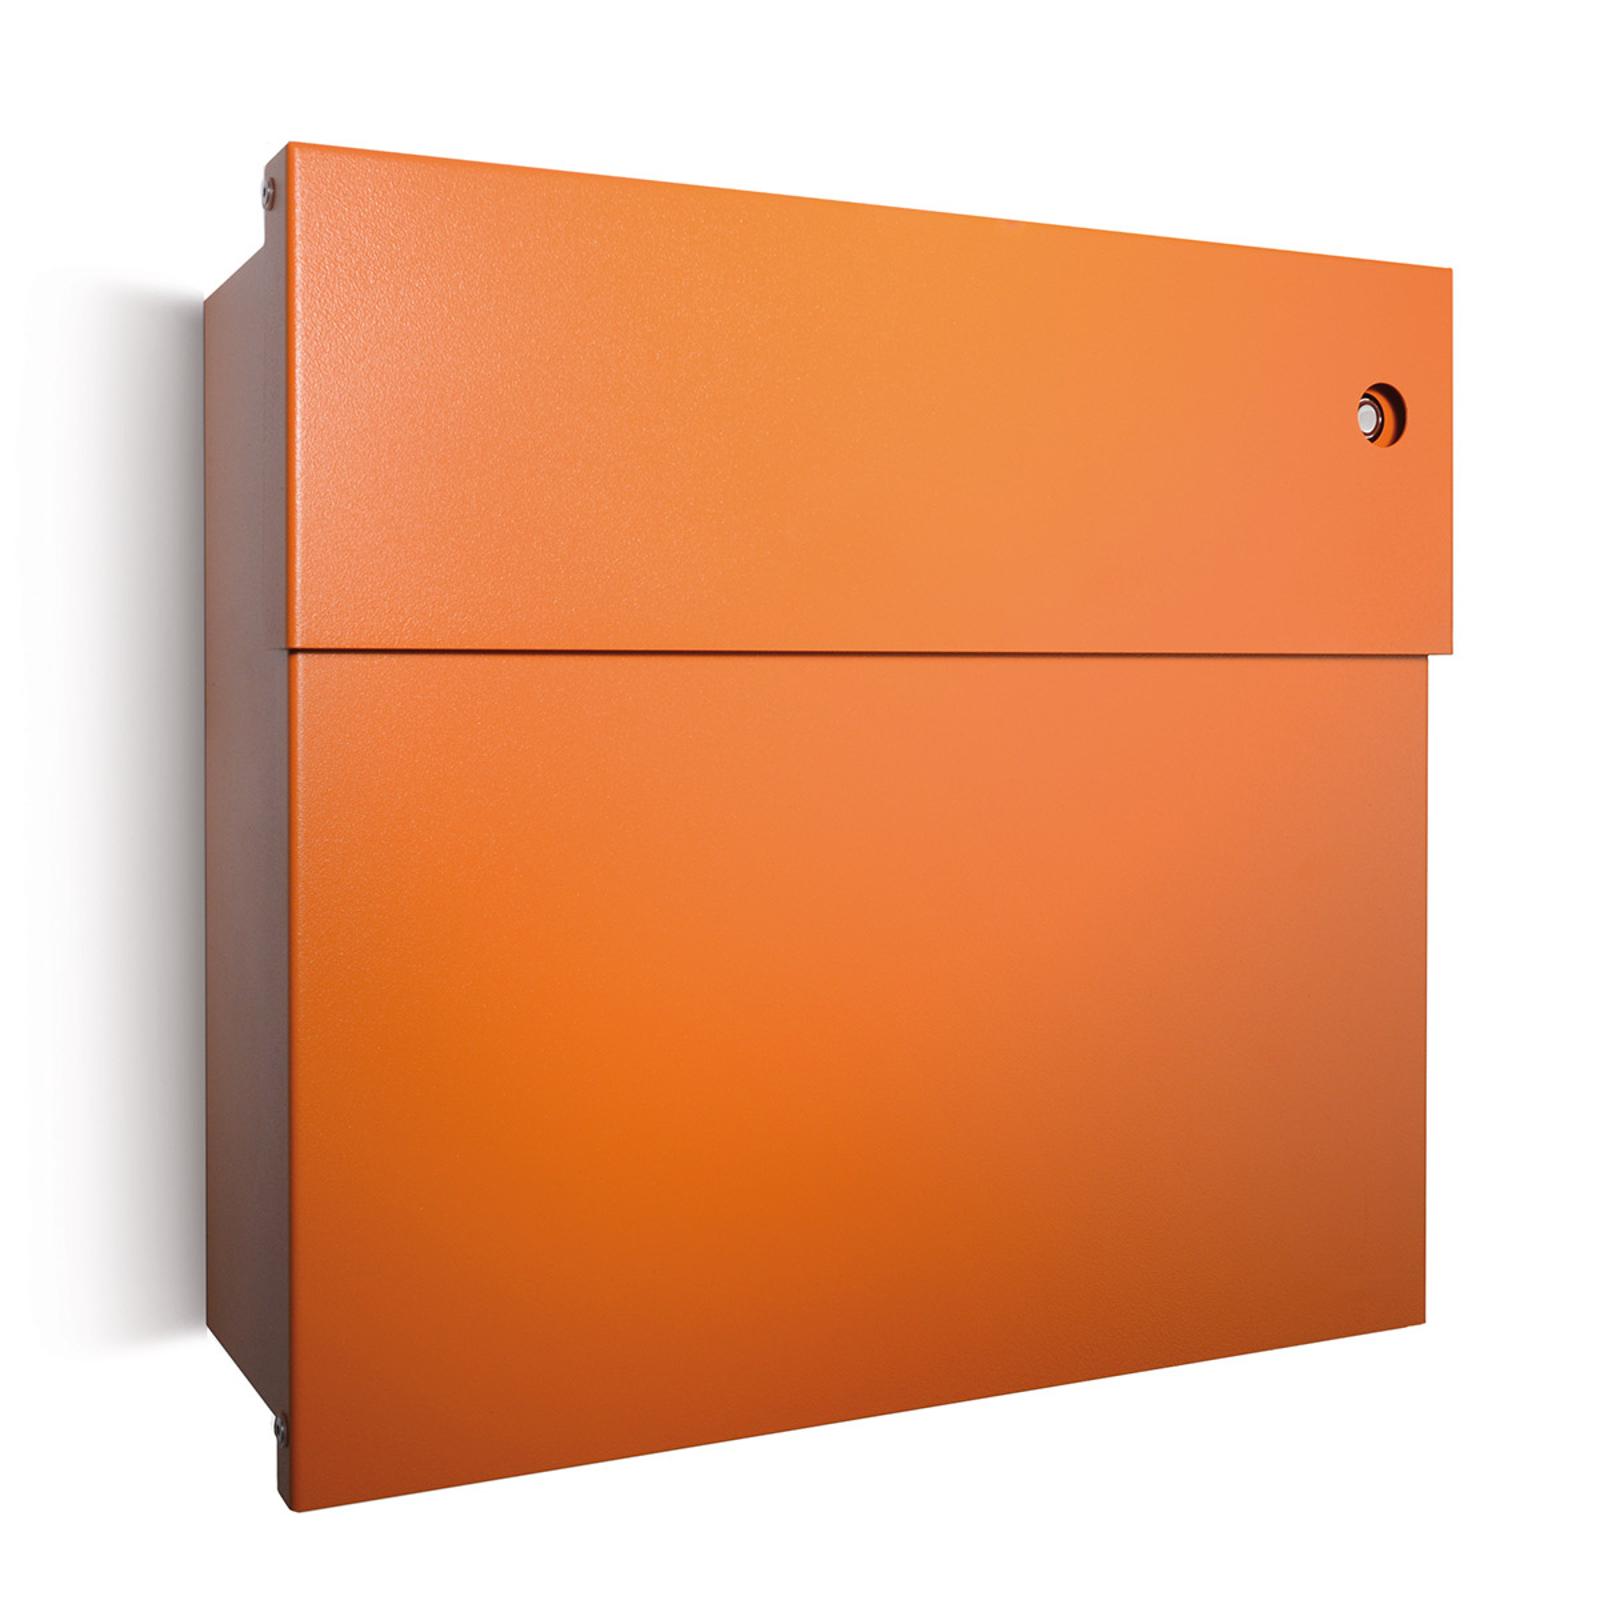 Brevlåda Letterman IV, röd ringklocka, orange